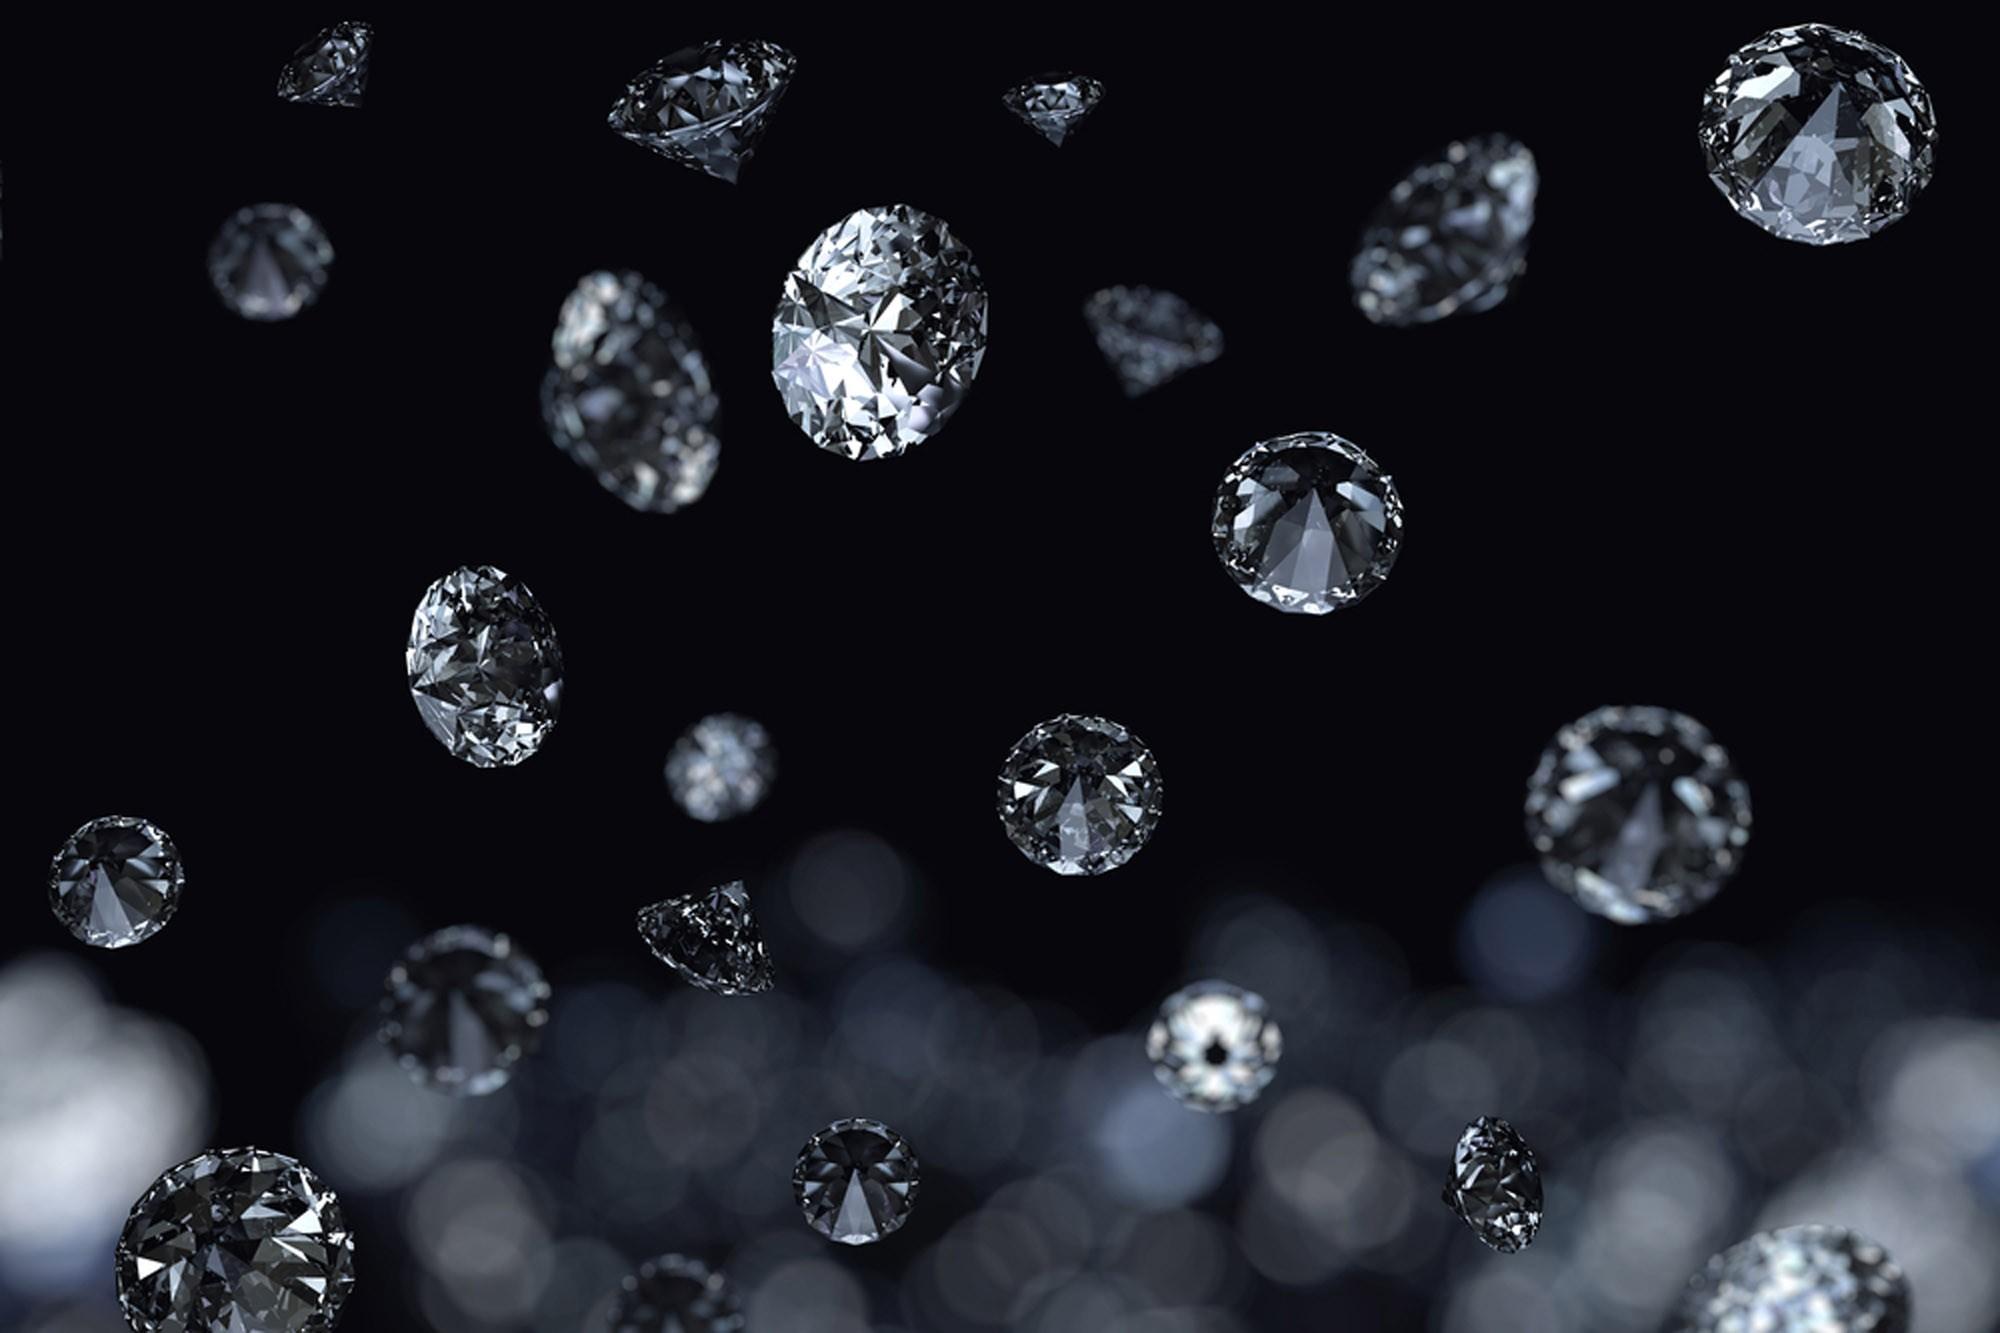 НаНептуне иУране идут дожди изалмазов— Ученые